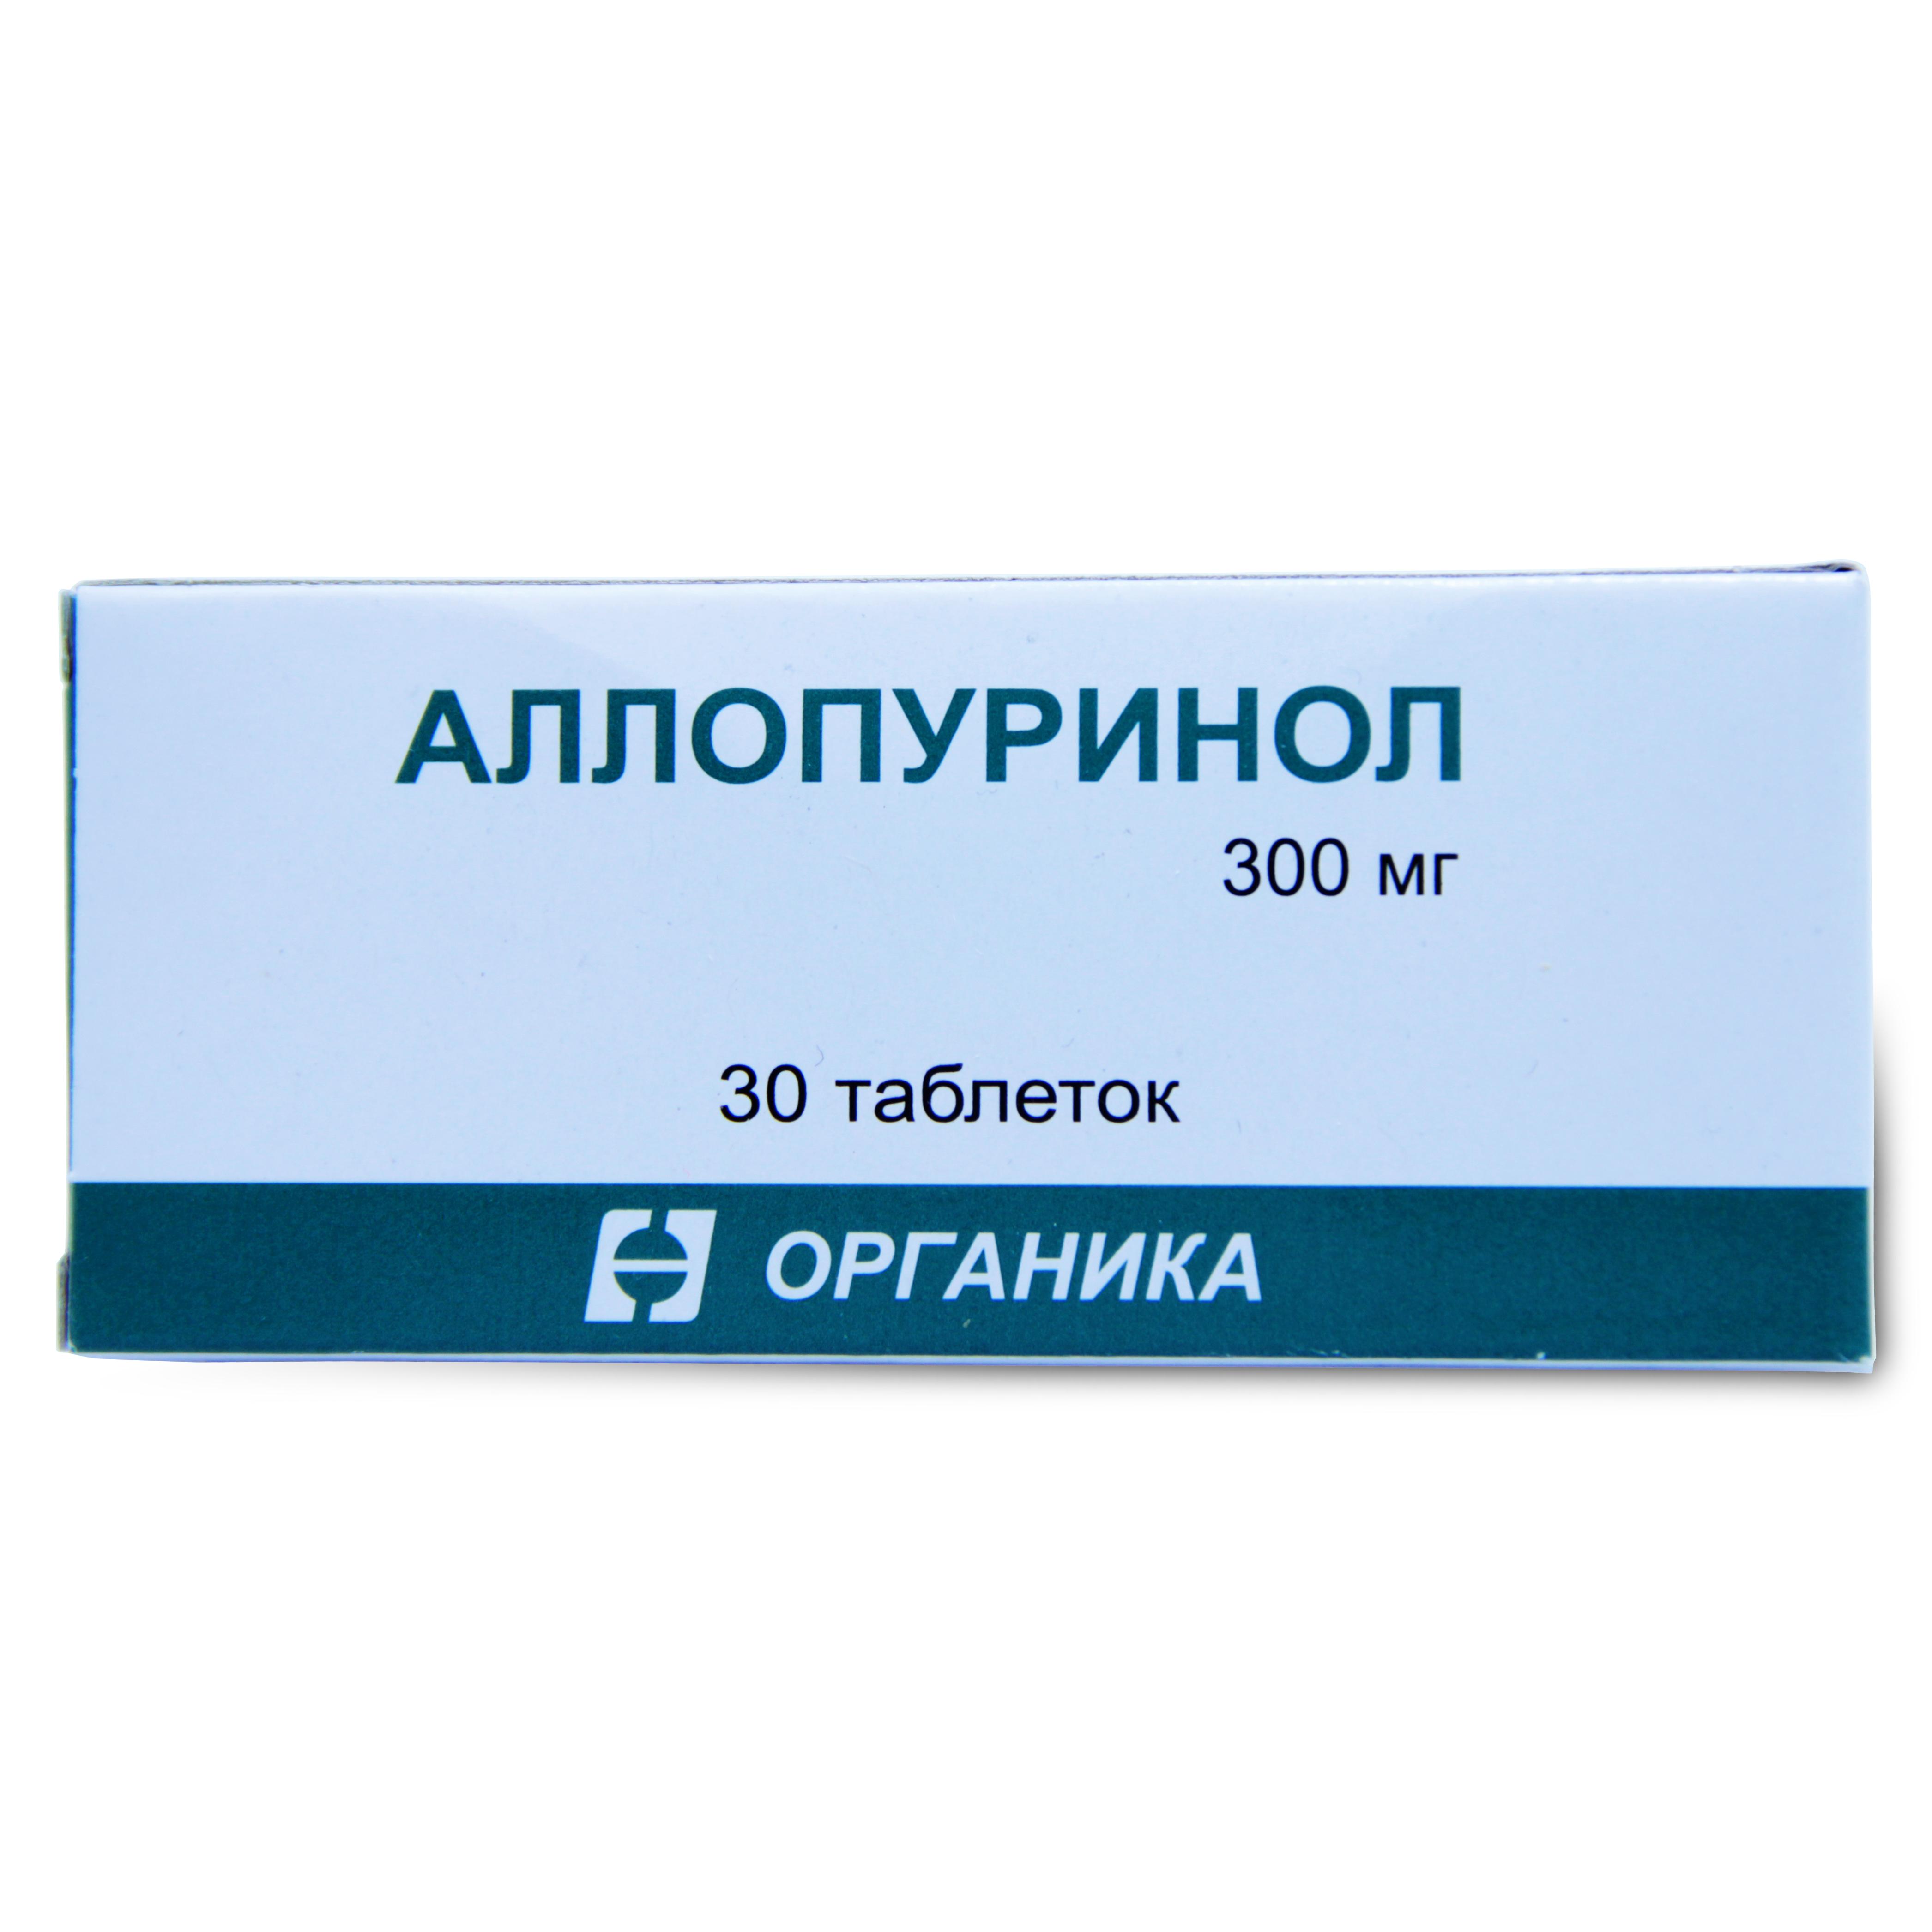 Гексализ: инструкция по применению, аналоги и отзывы, цены в аптеках россии